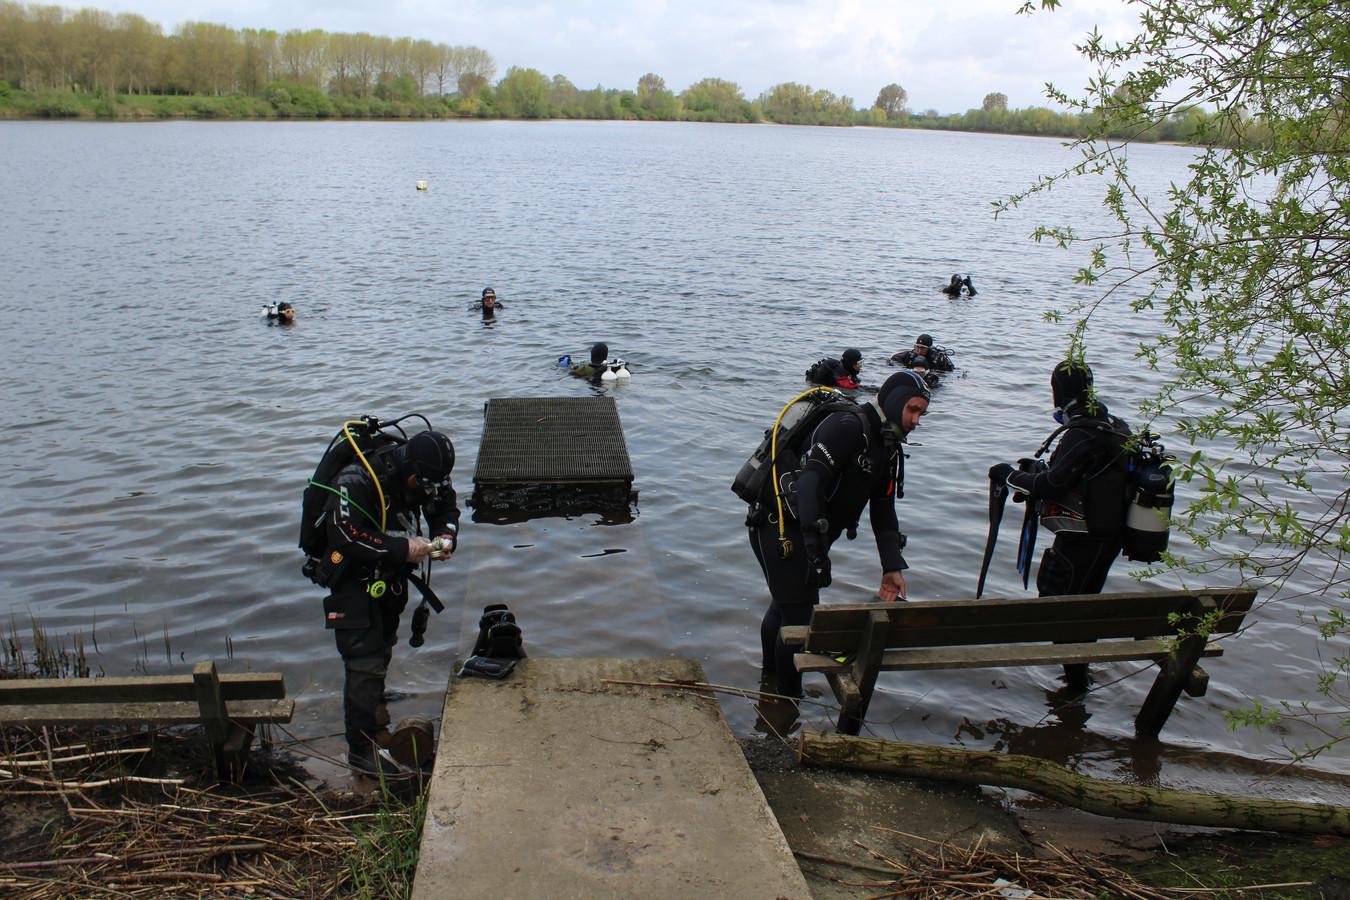 Duikers van Duikteam Herman Lieven uit Den Bosch nemen een duik bij de Lithse Ham.